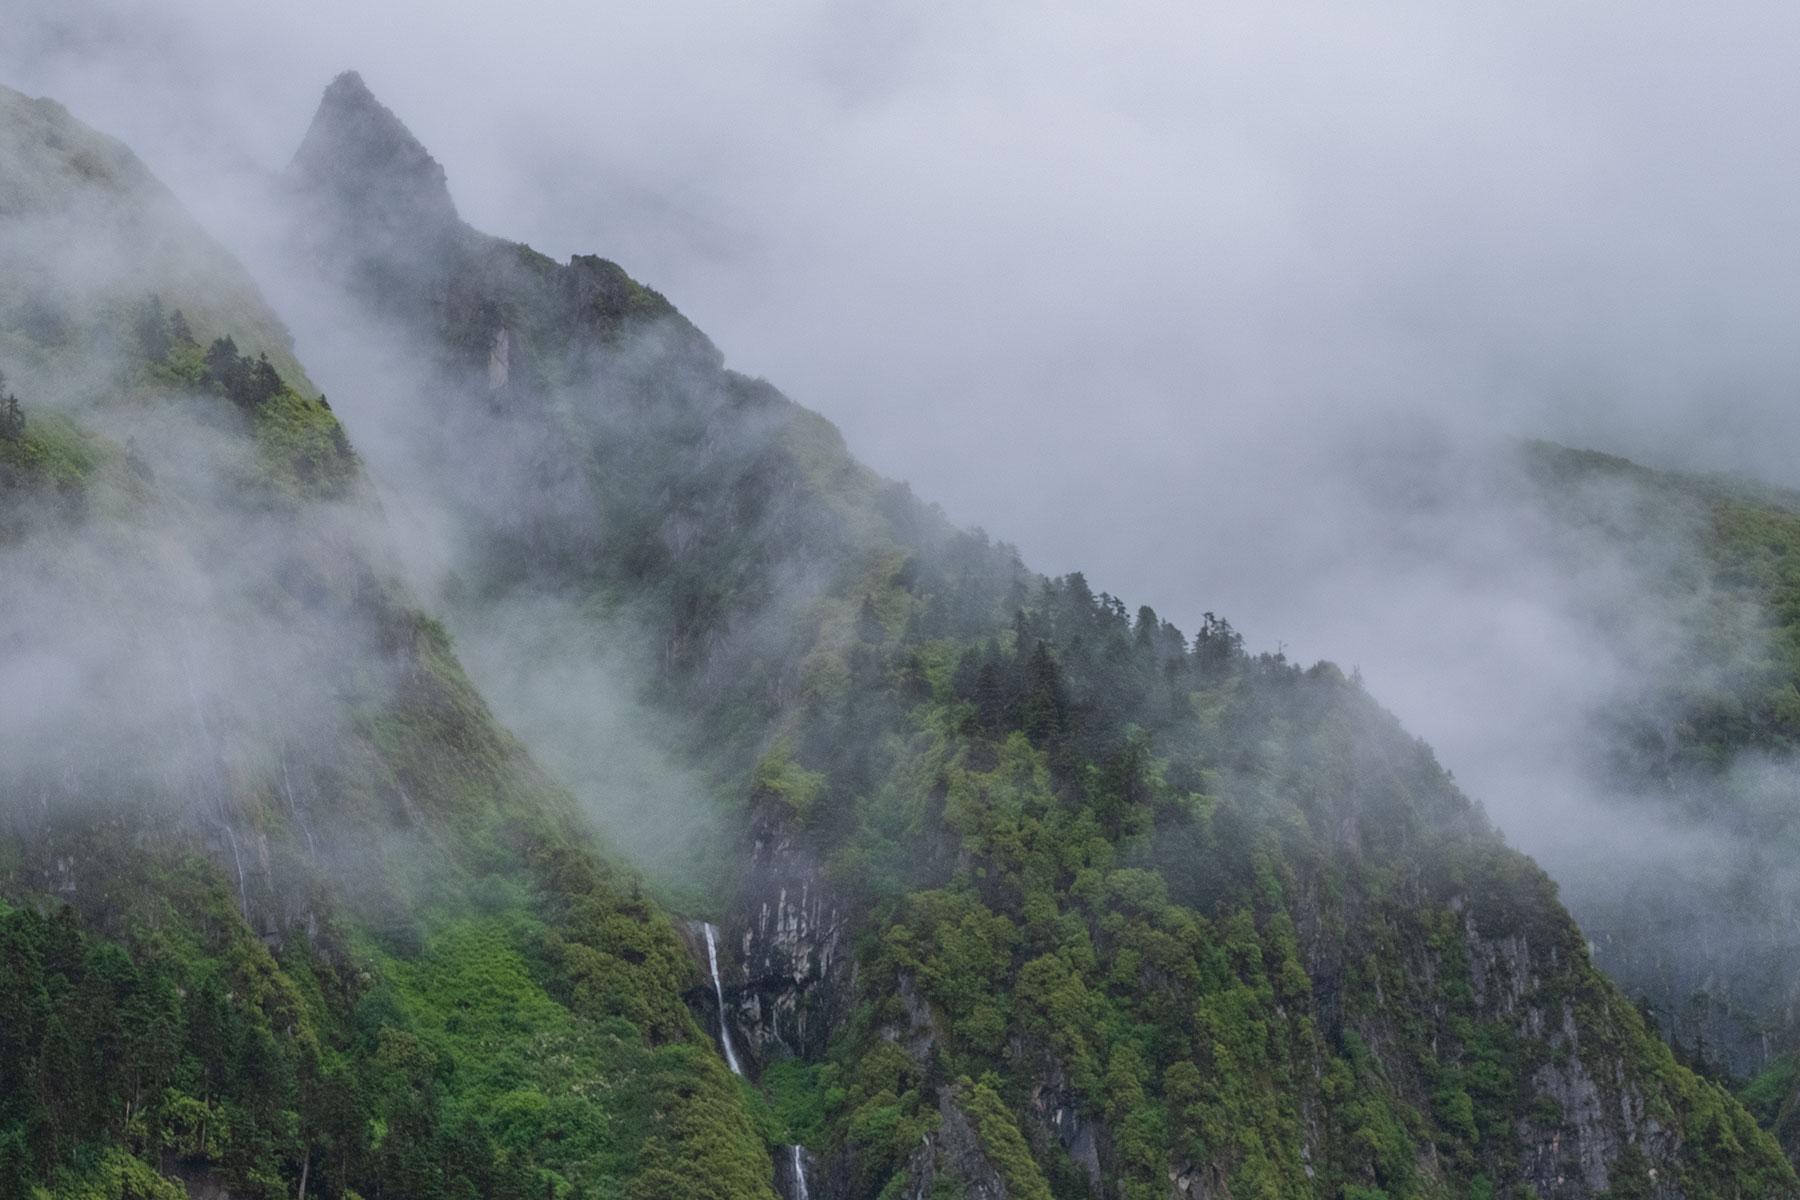 Wald in Regenwolken im Vogel im Hailuogou Gletscher Park in Sichuan